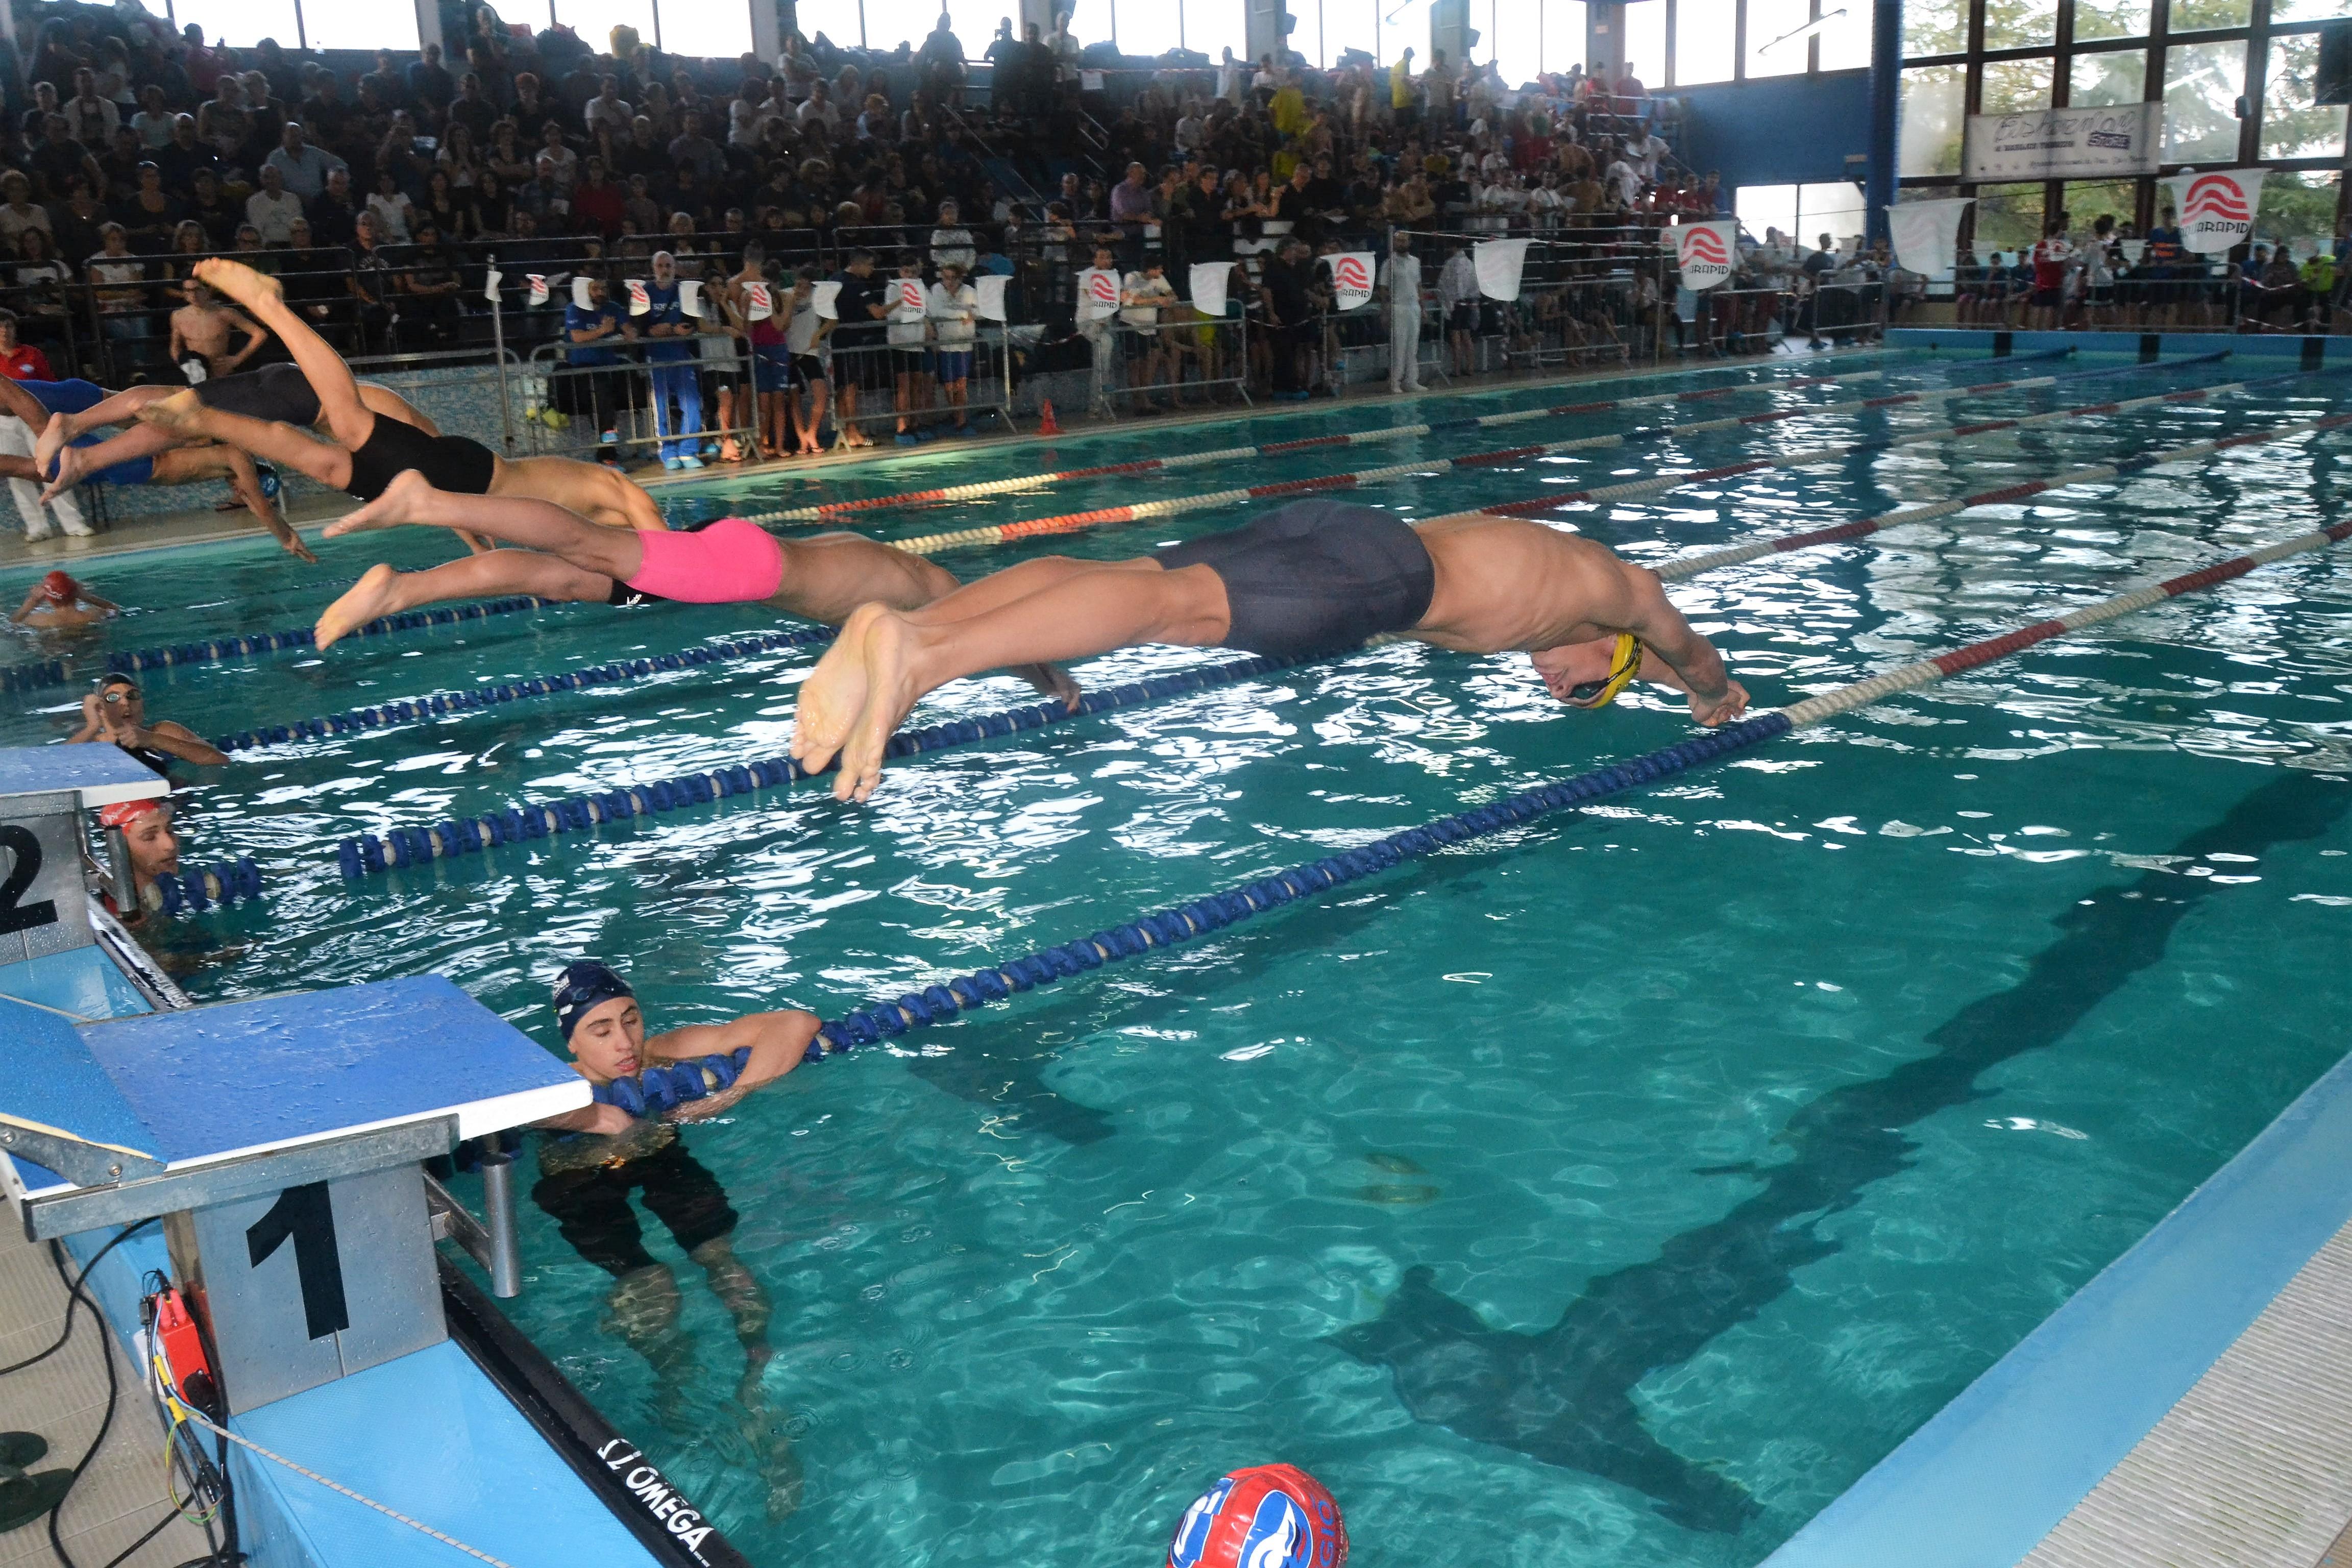 Alla piscina comunale di san salvo la coppa olimpica il - Piscina comunale san salvo ...